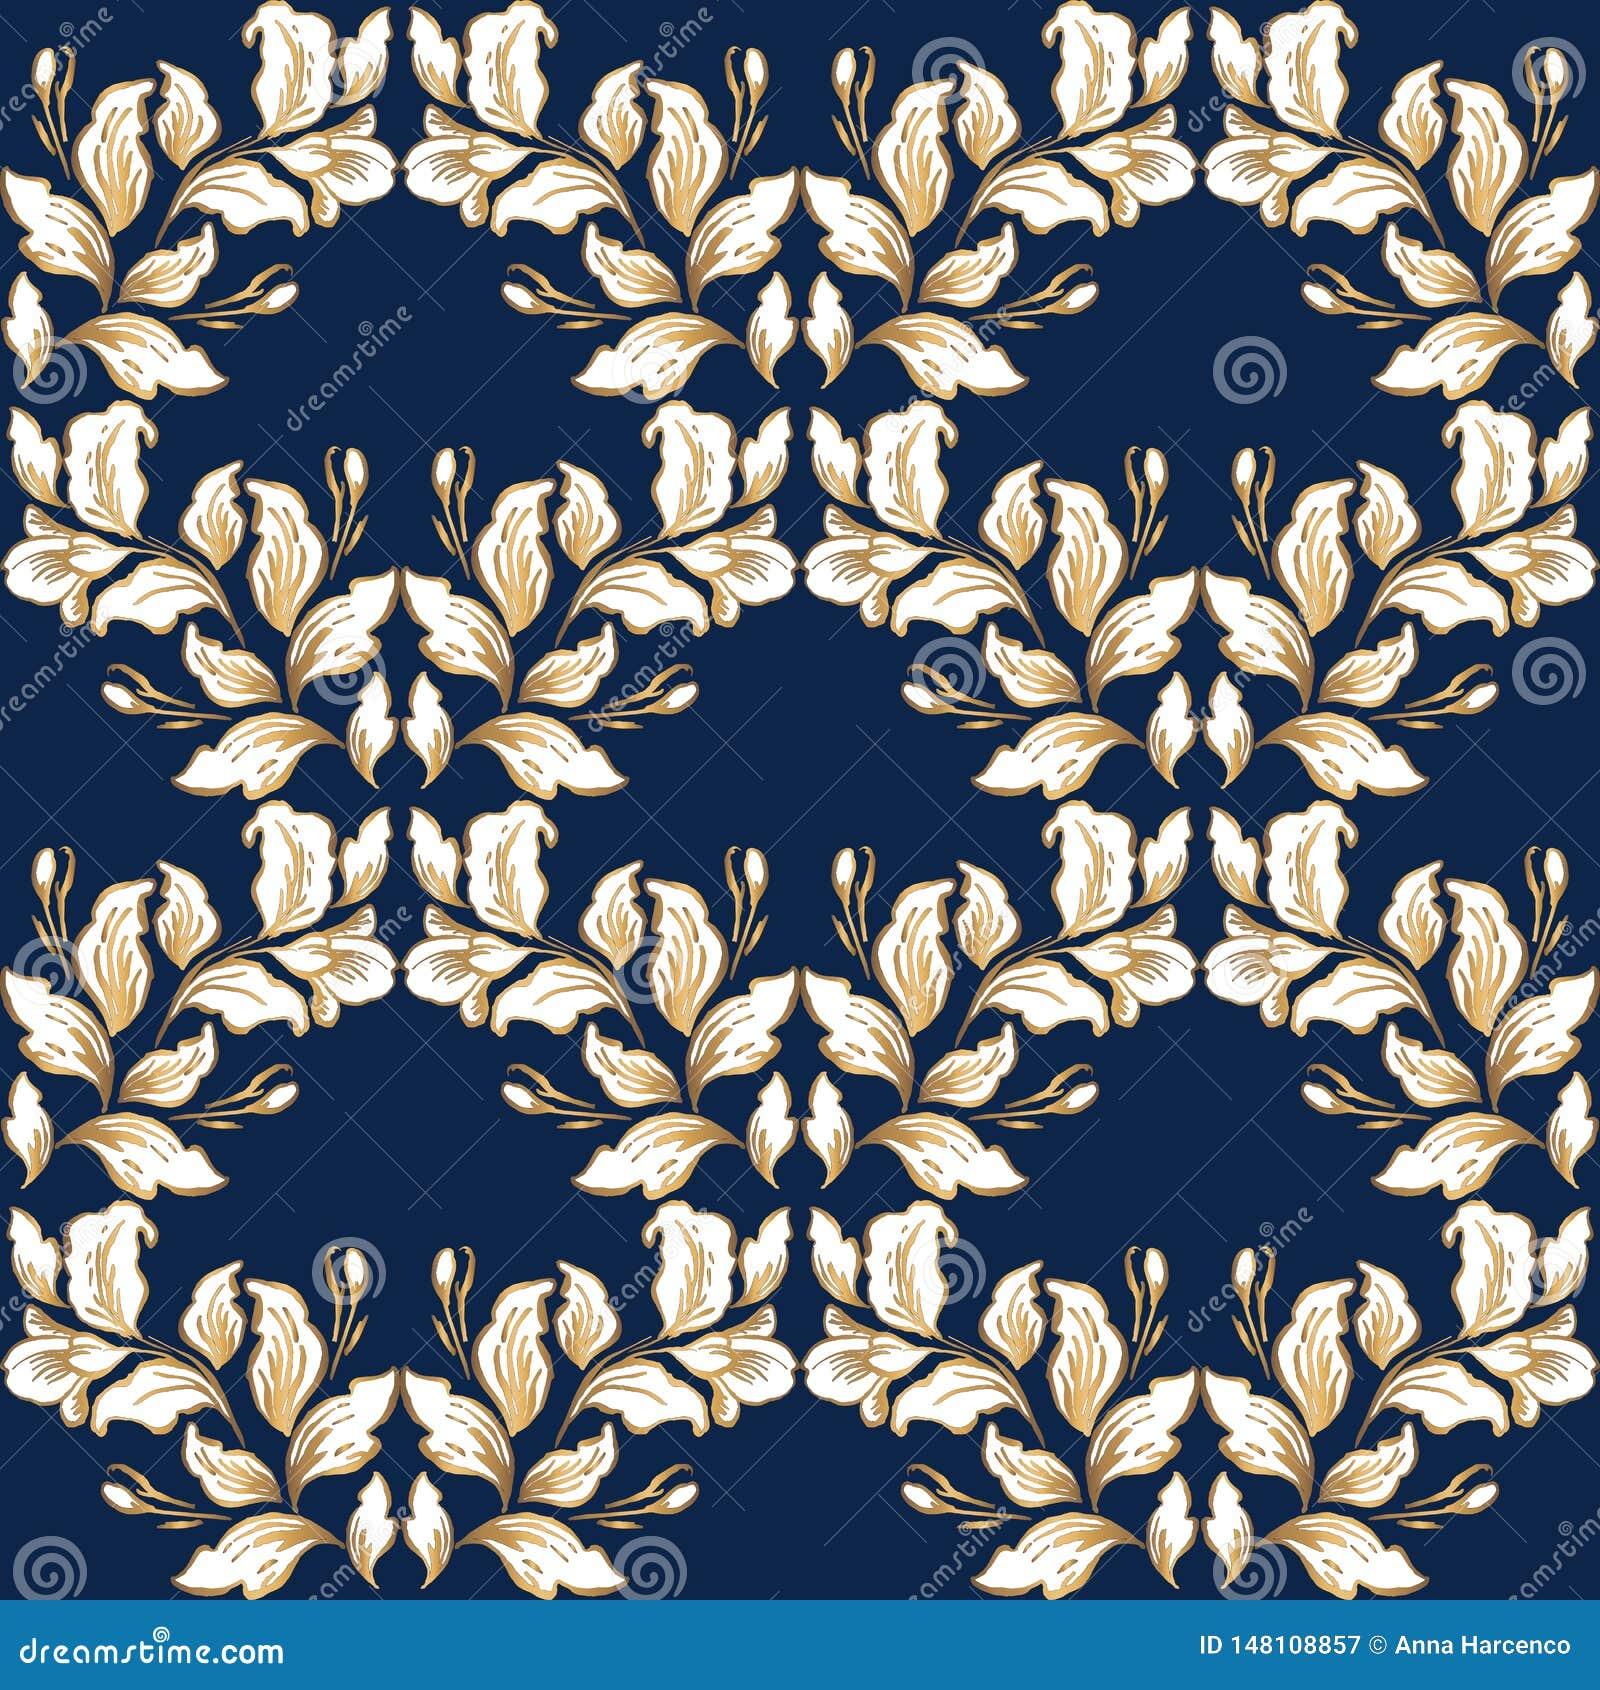 Uitstekende barokke patroon naadloze vector op de klassieke achtergrond van de bloem grafische stijl voor achtergrond, malplaatje